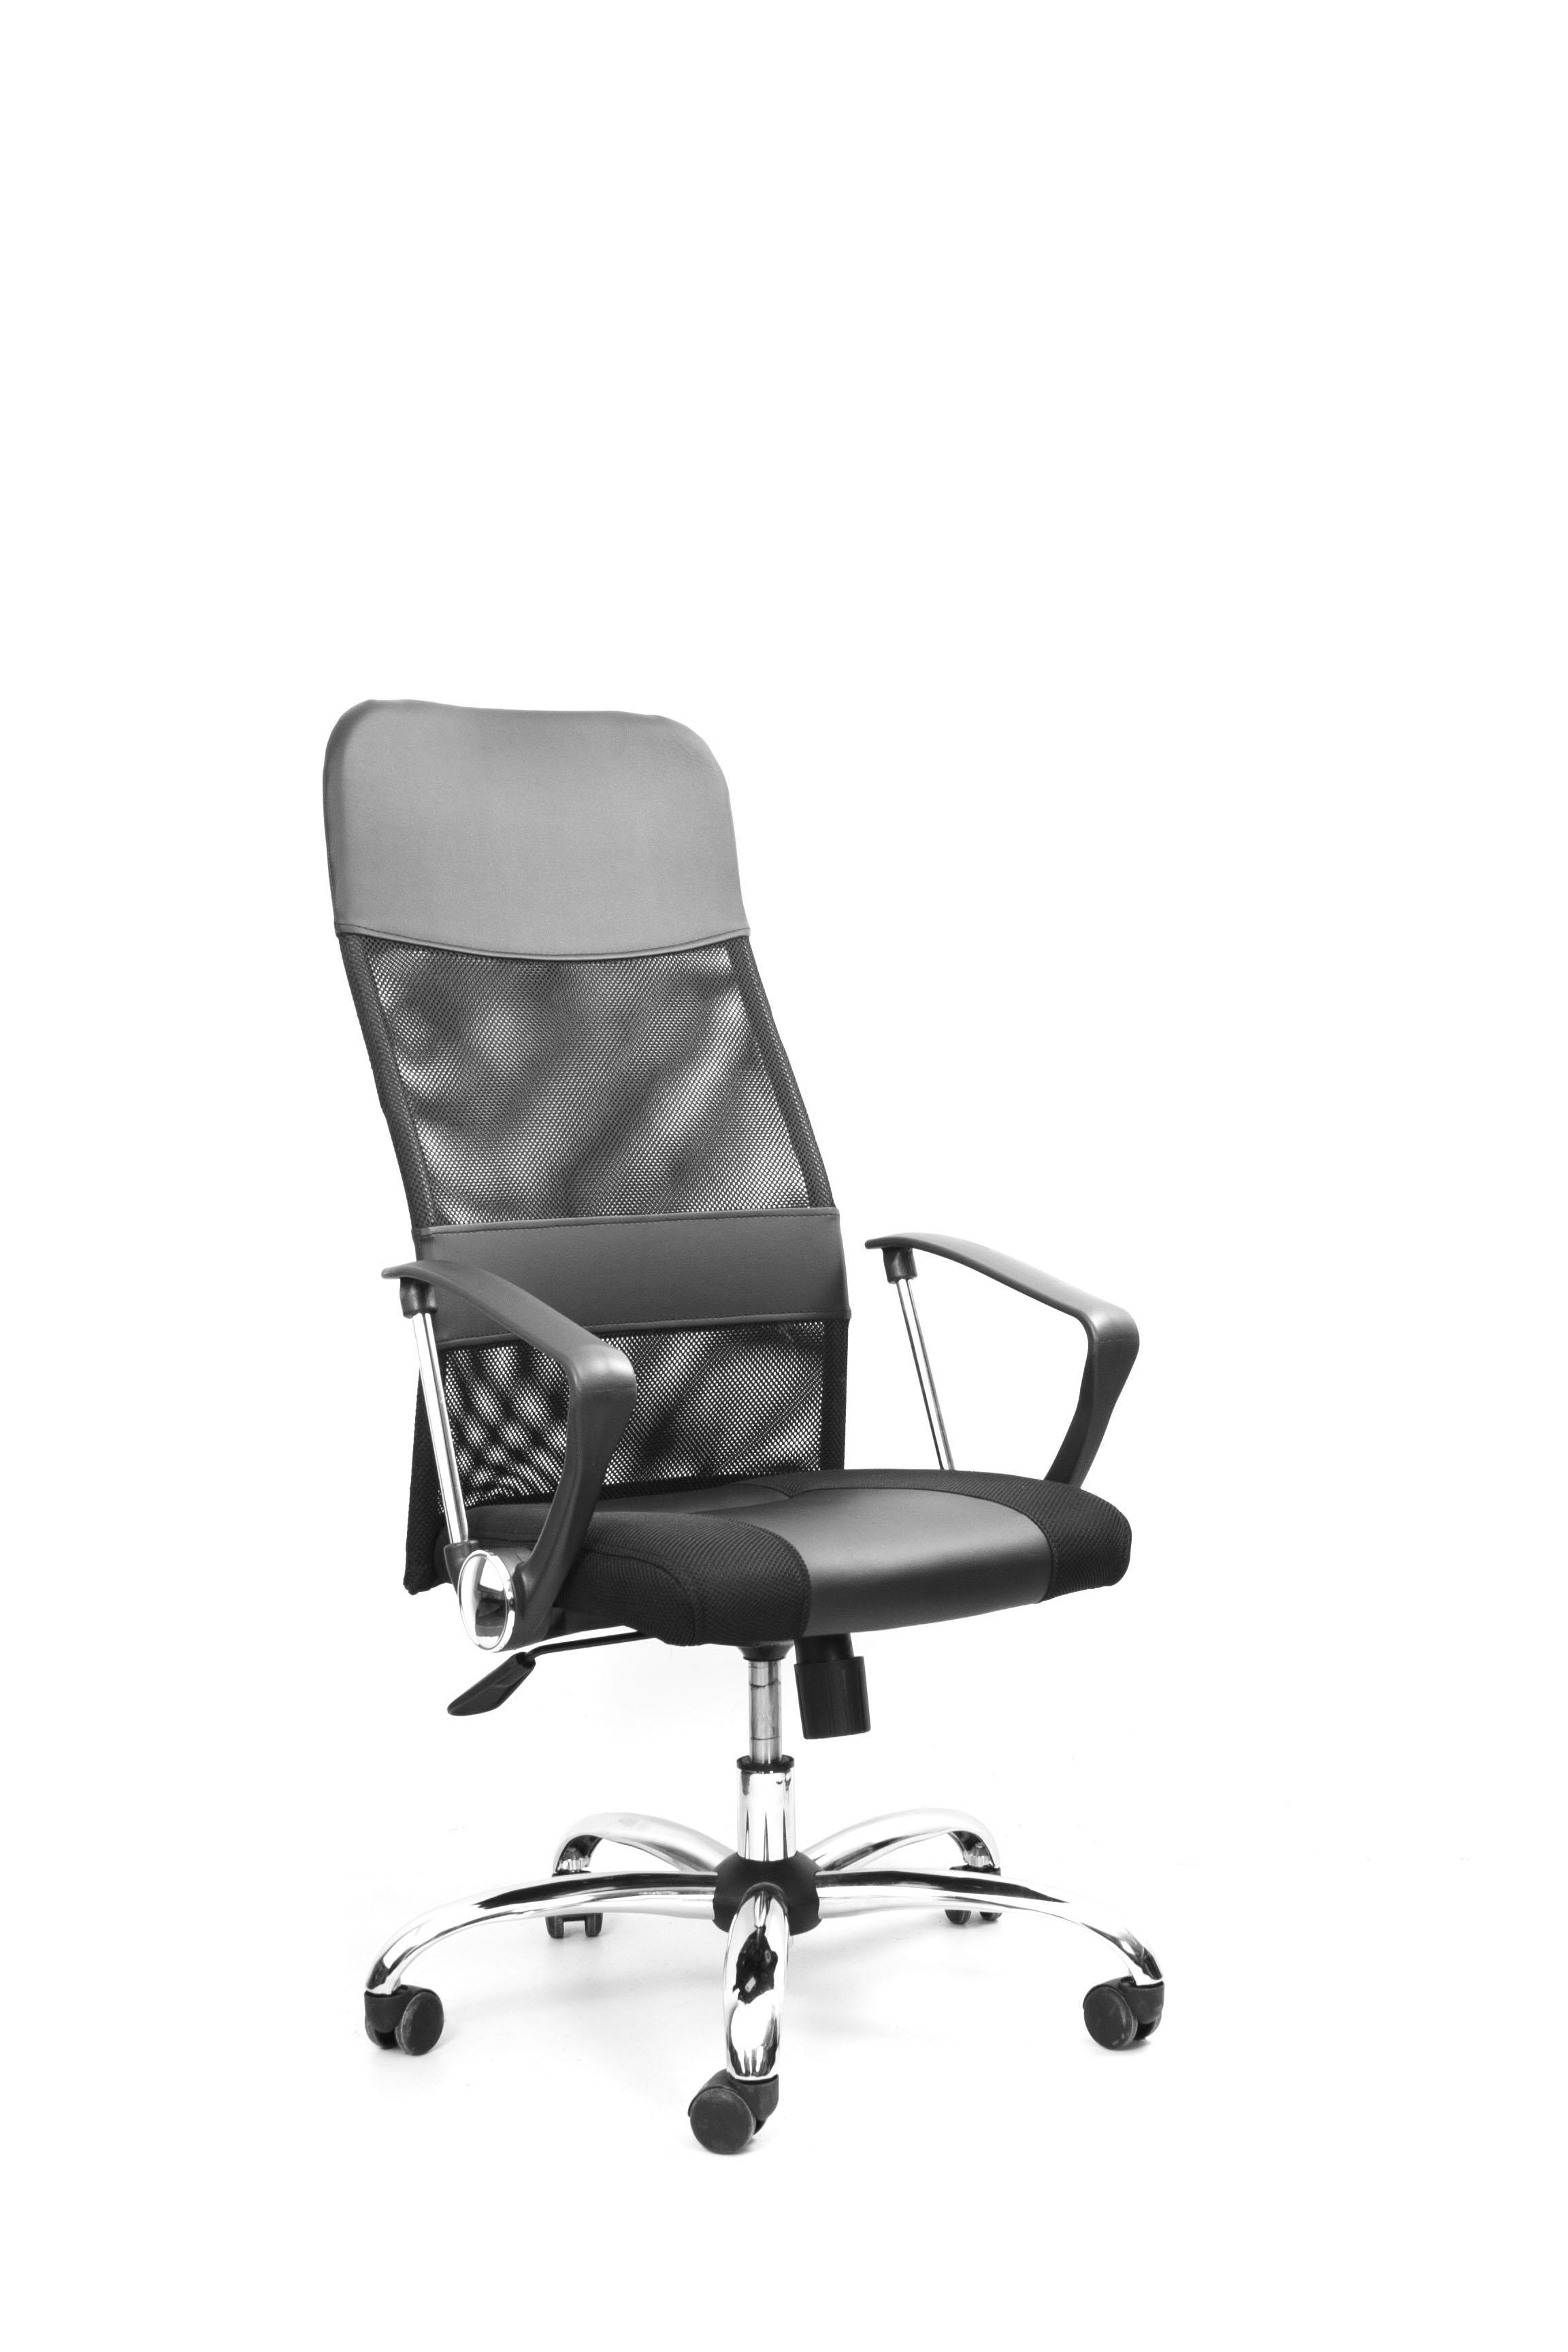 Кресло Recardo Smart (Чёрный, сетка/кожа, высота 1180-1270мм, спинка 740мм, Ш500*Г490, крест 700мм, макс. 120кг, газлифт/качание/откидывание)